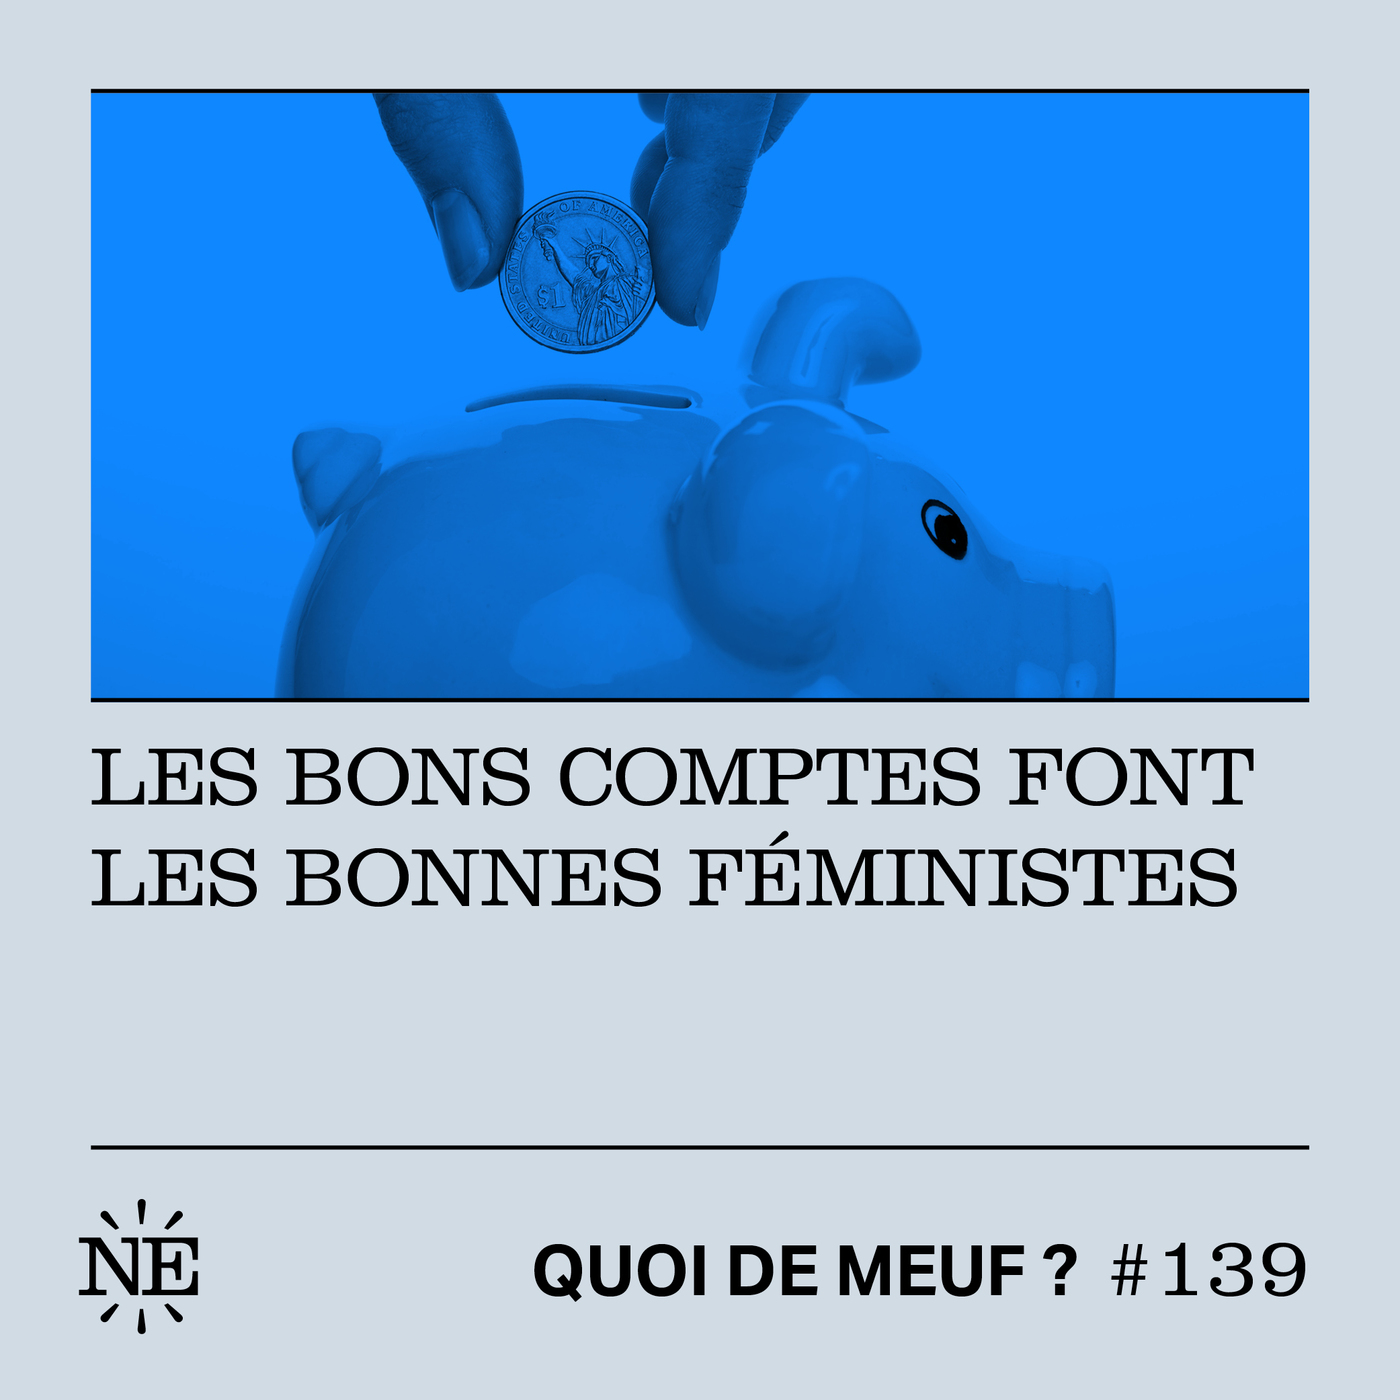 #139 - Les bons comptes font les bonnes féministes